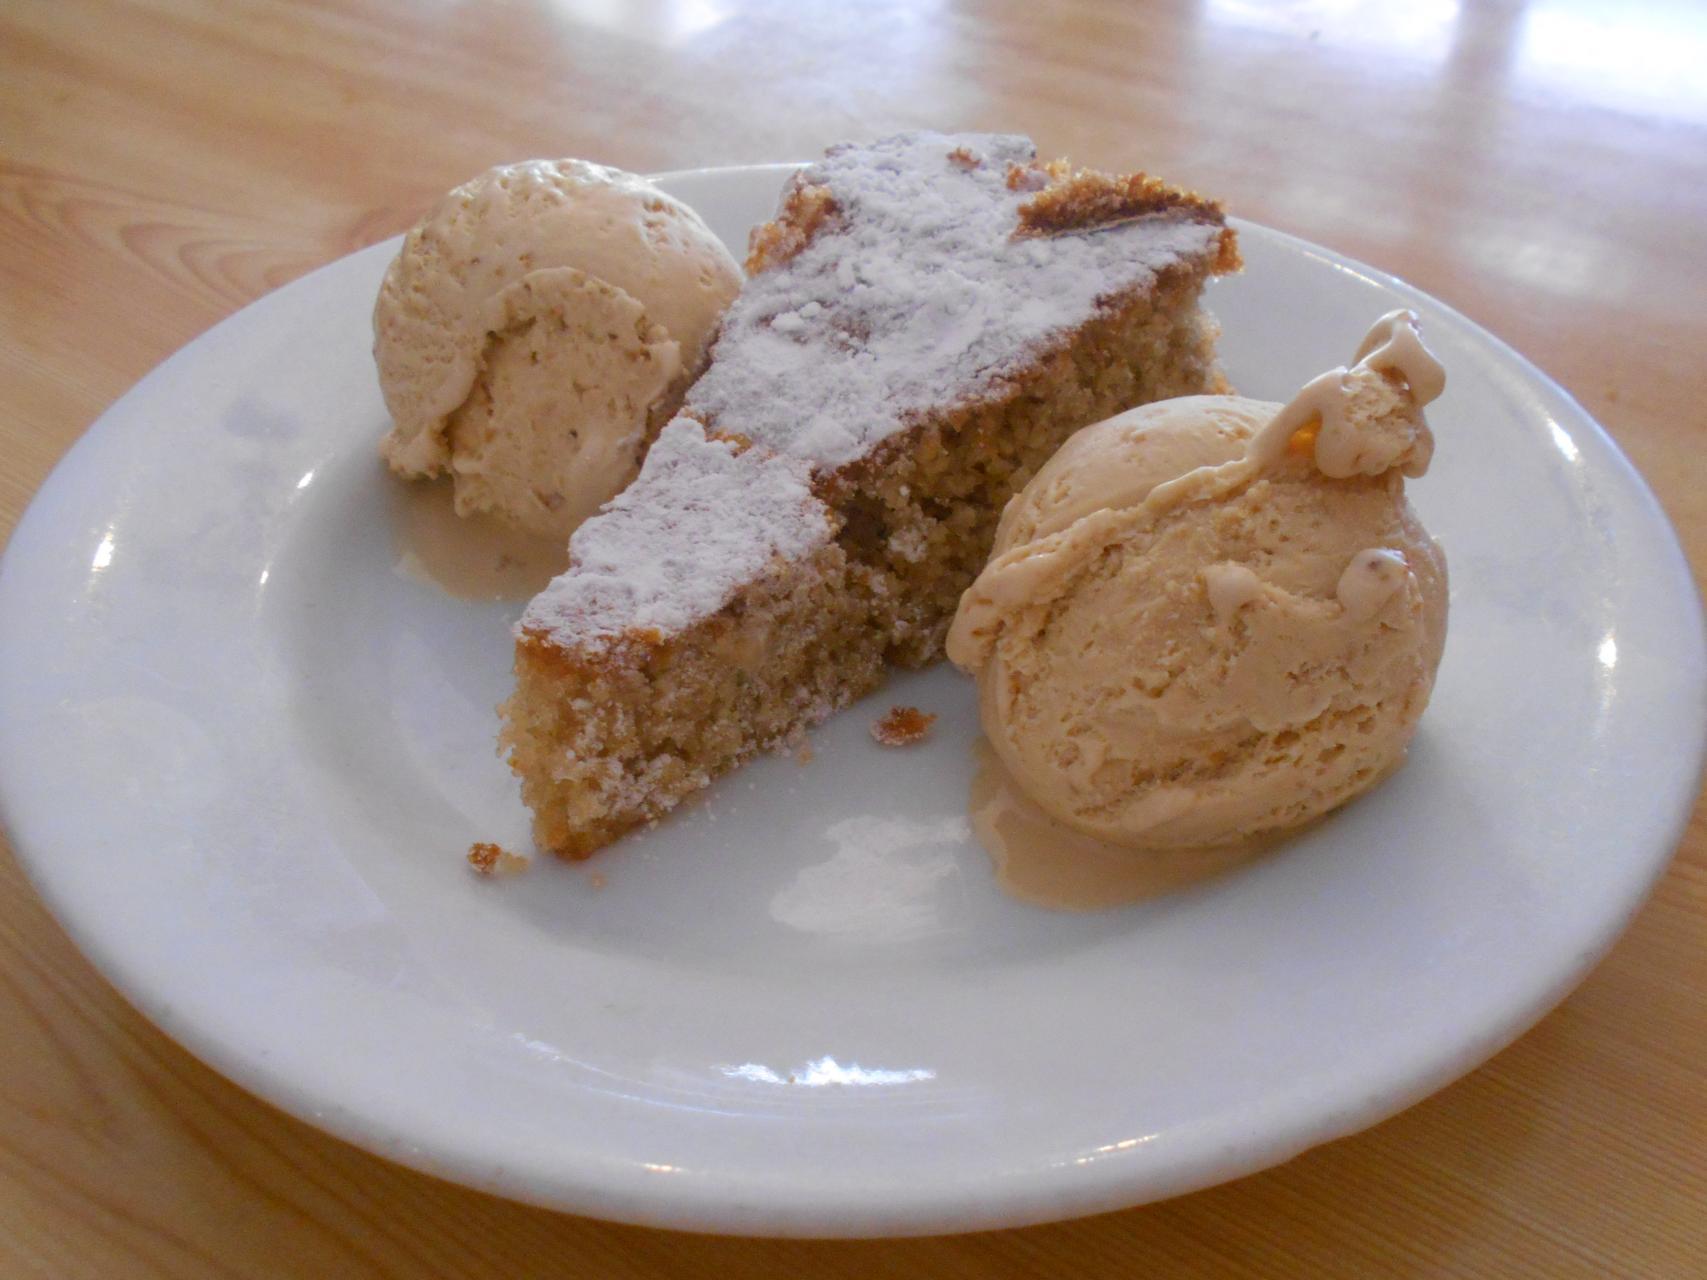 The spongecake and two scoops of ice cream